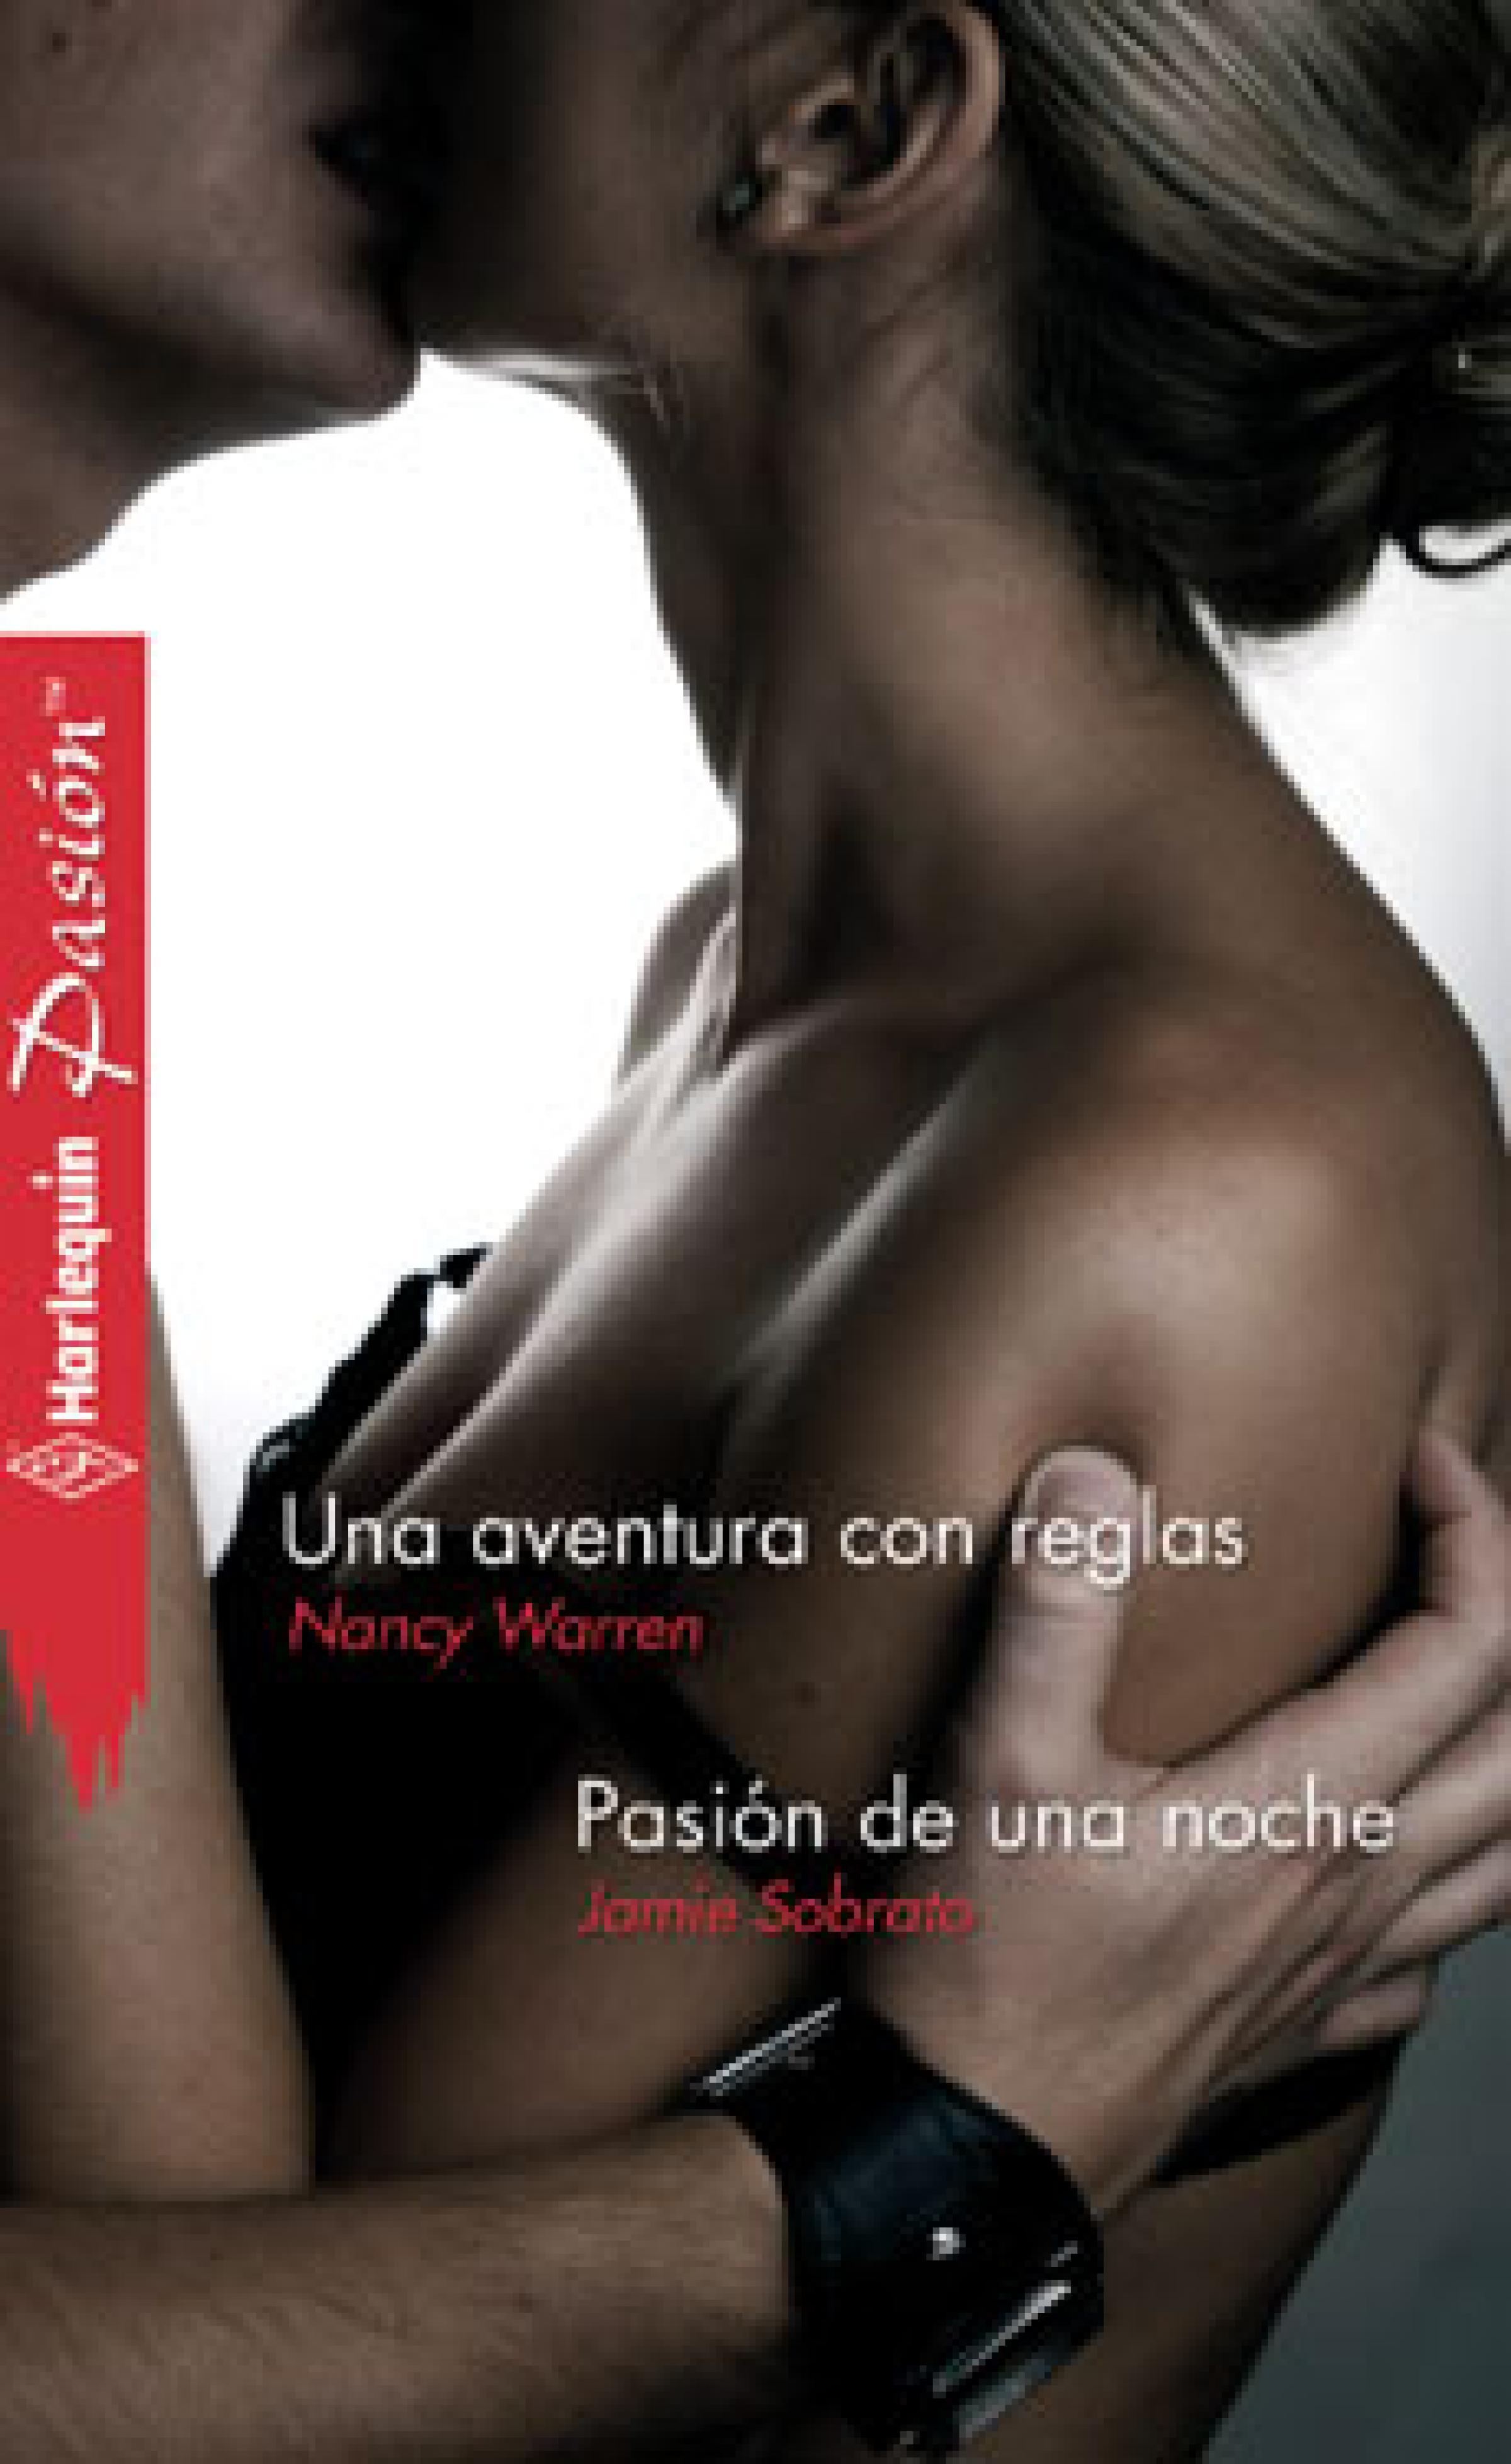 Nancy Warren Una aventura con reglas - Pasión de una noche stacy connelly las reglas de la pasión